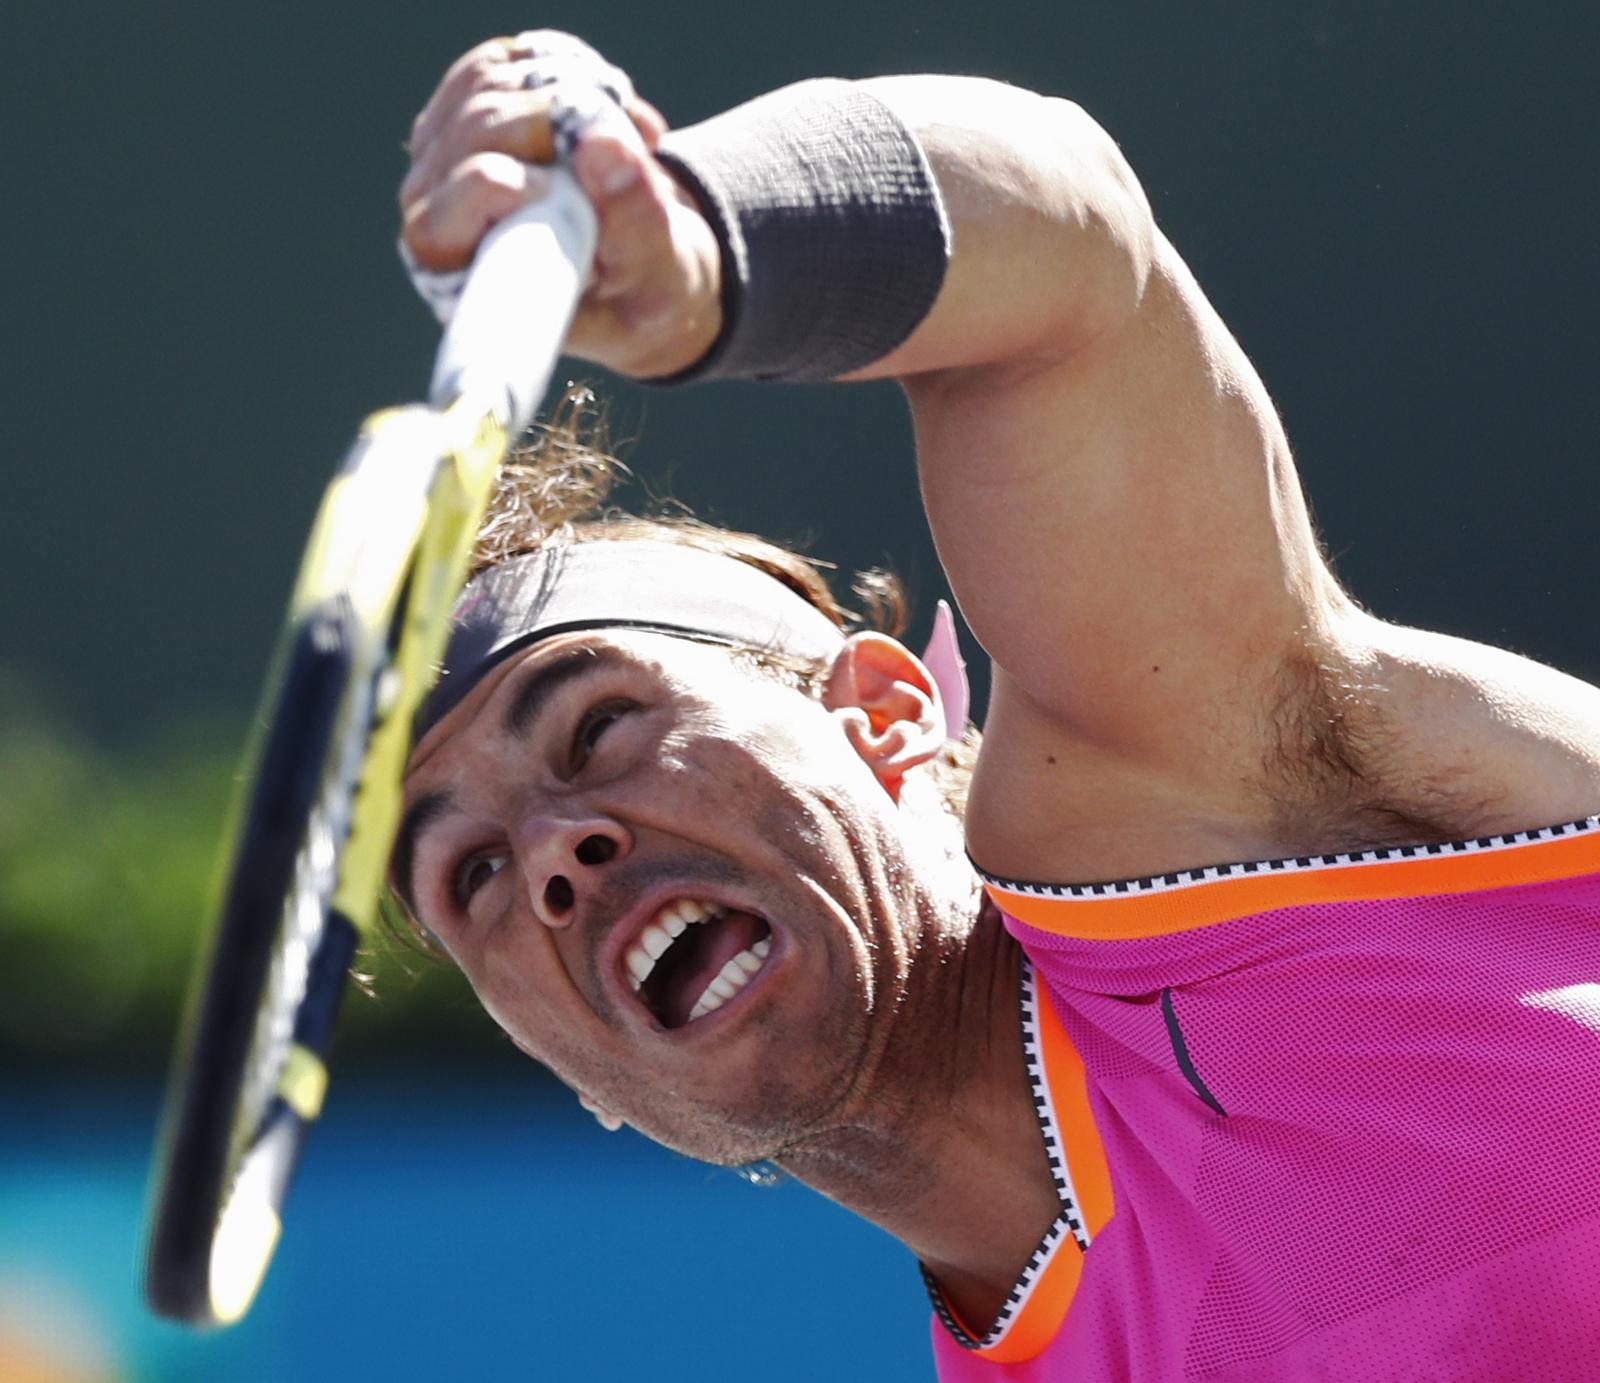 Rafael Nadal podczas meczu tenisowego w Californii, USA. Fot. PAP/EPA/LARRY W. SMITH